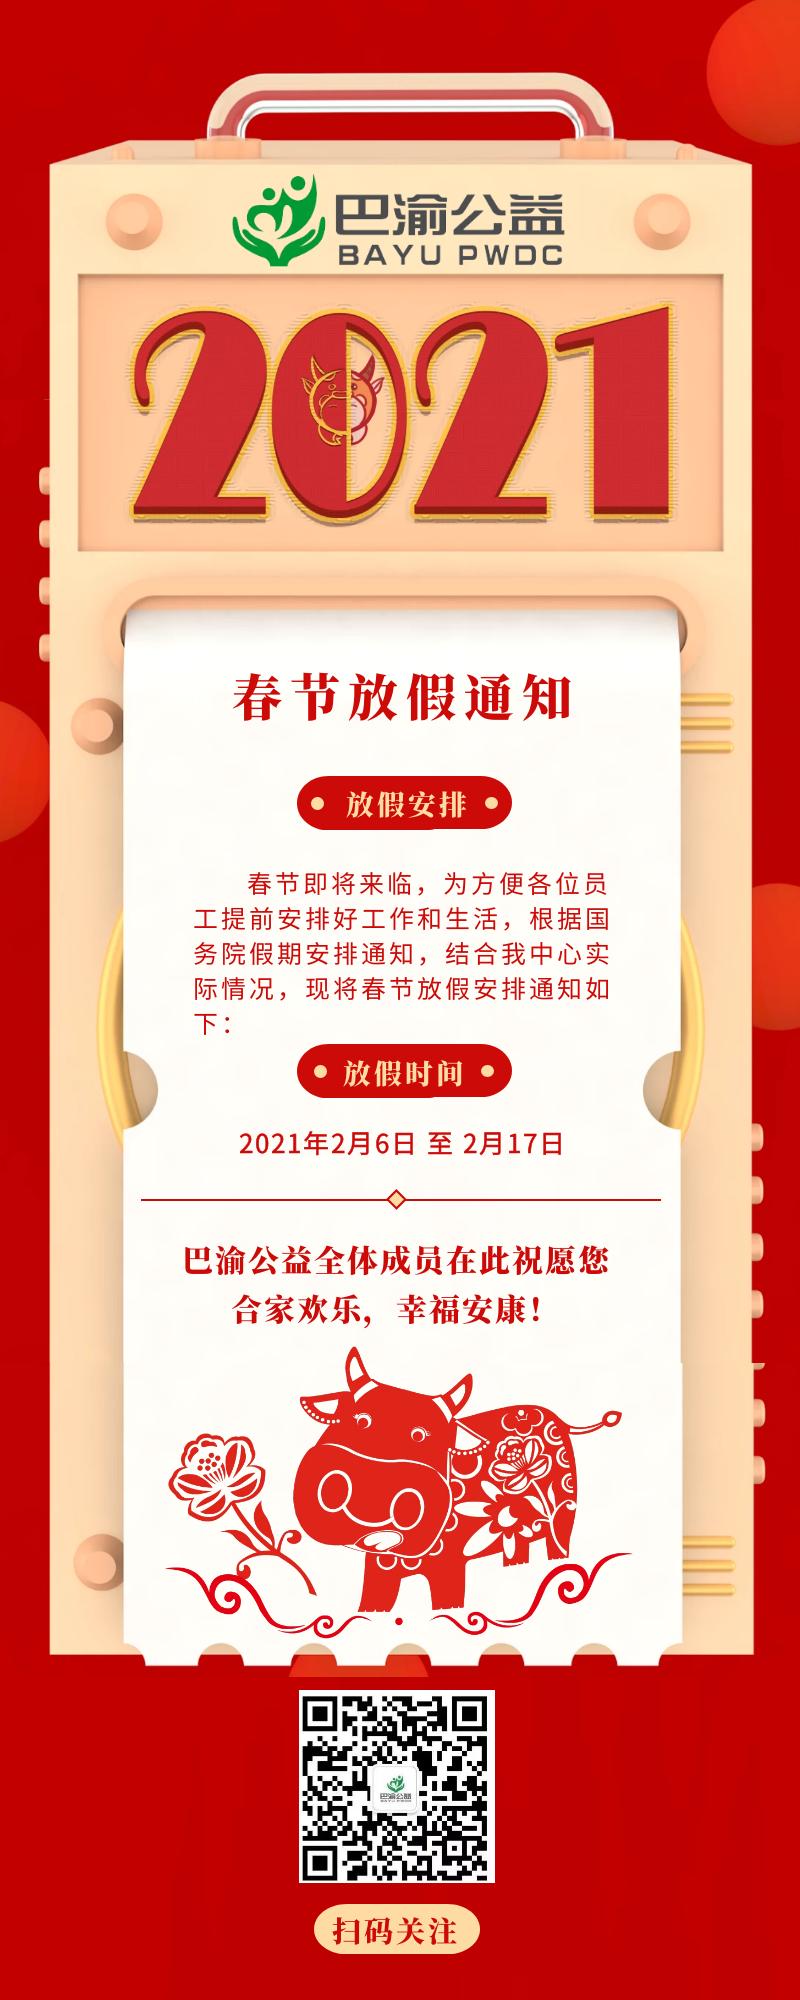 巴渝公益 2021 年春节放假通知